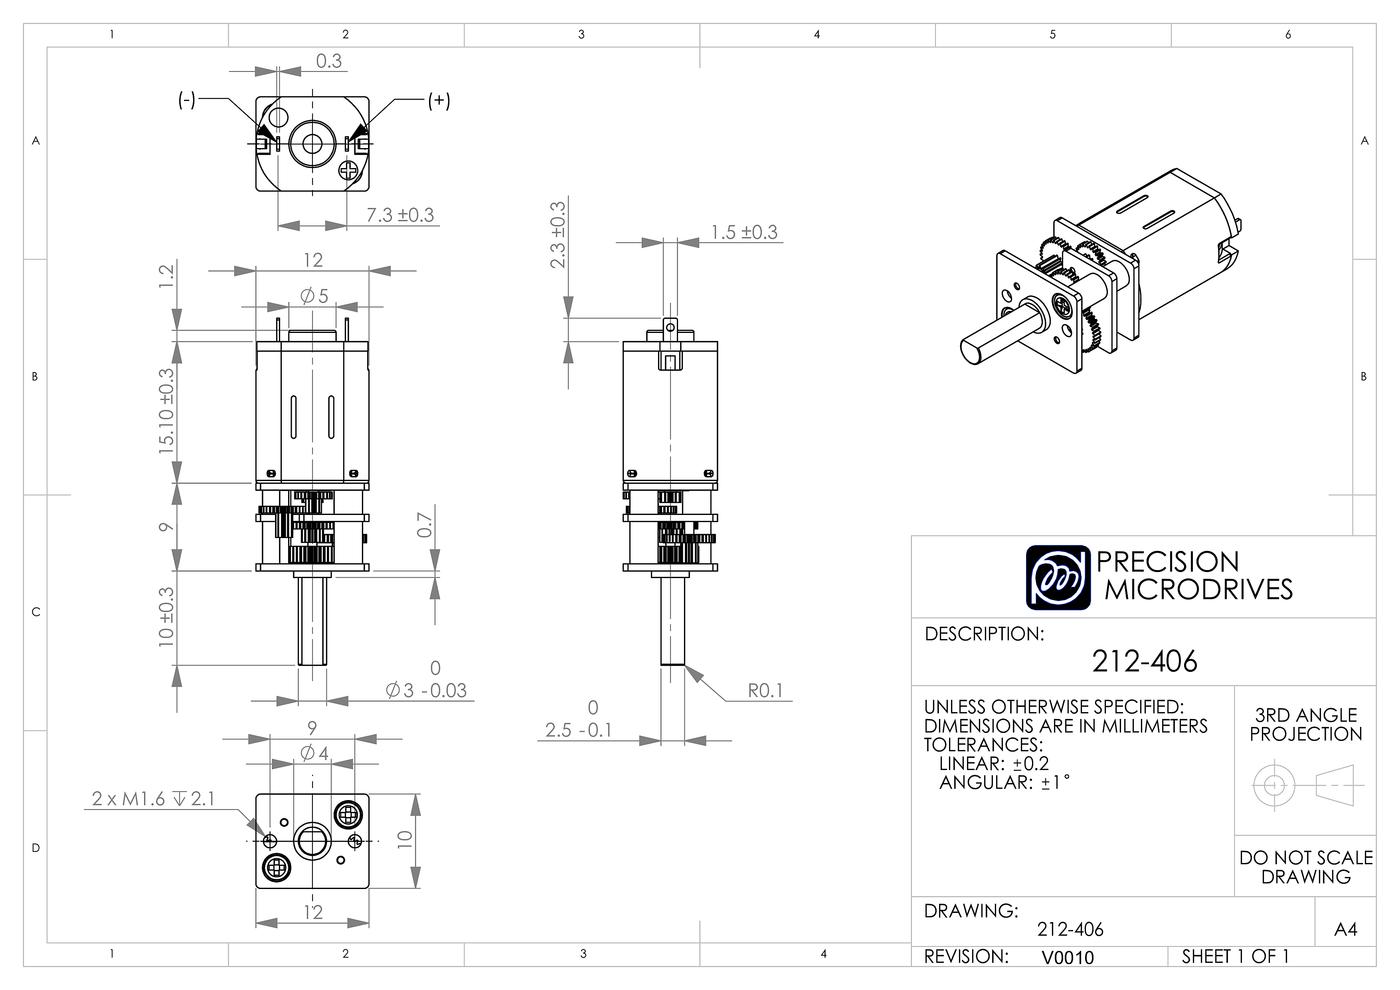 12mm Dc Gearmotor